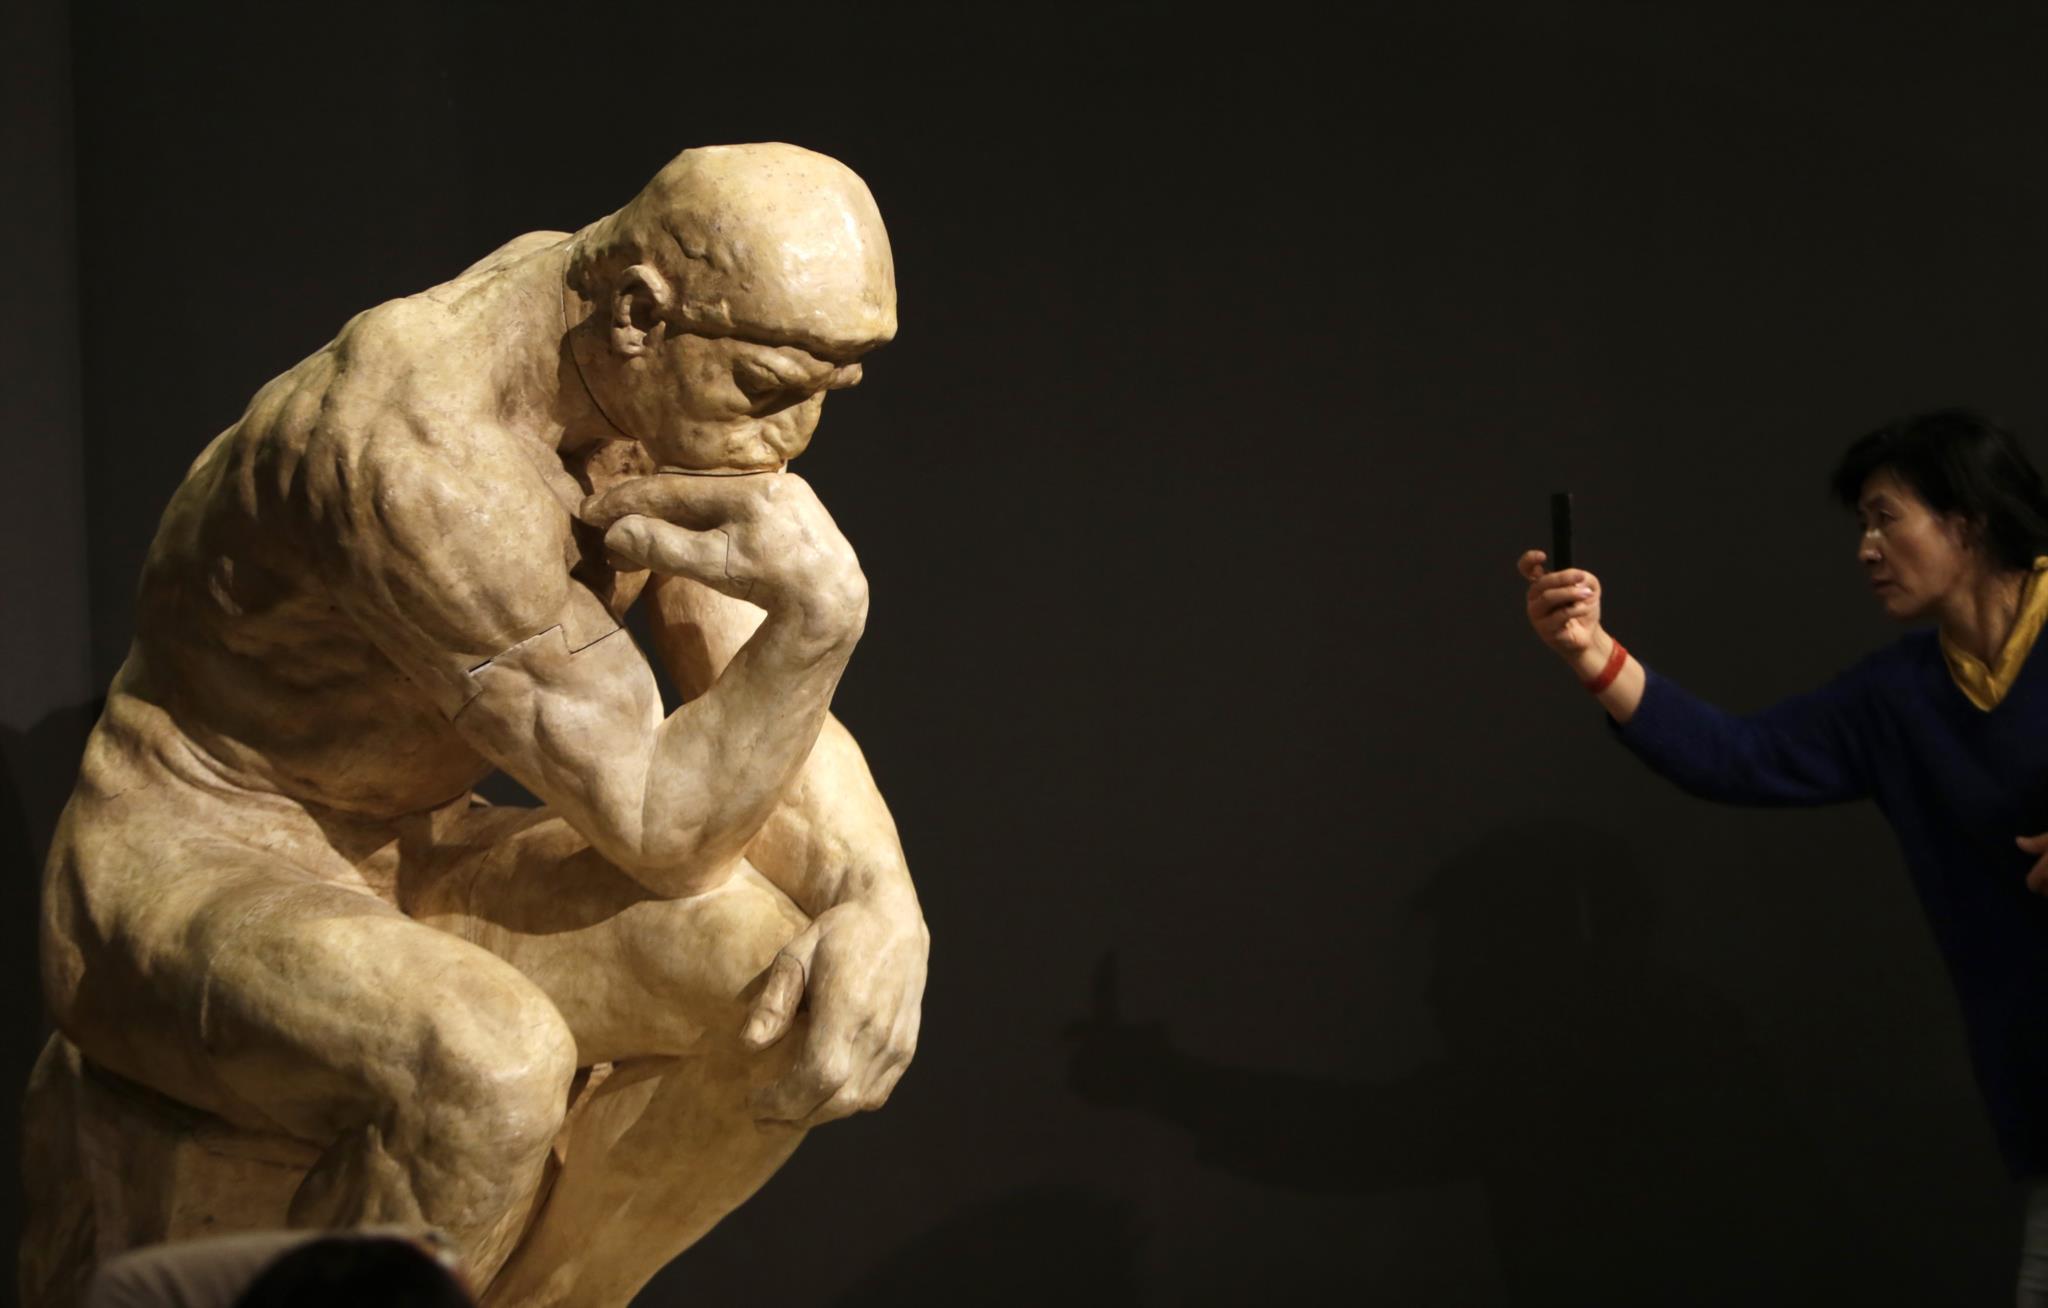 PÚBLICO - Uma exposição para celebrar o pai da escultura moderna